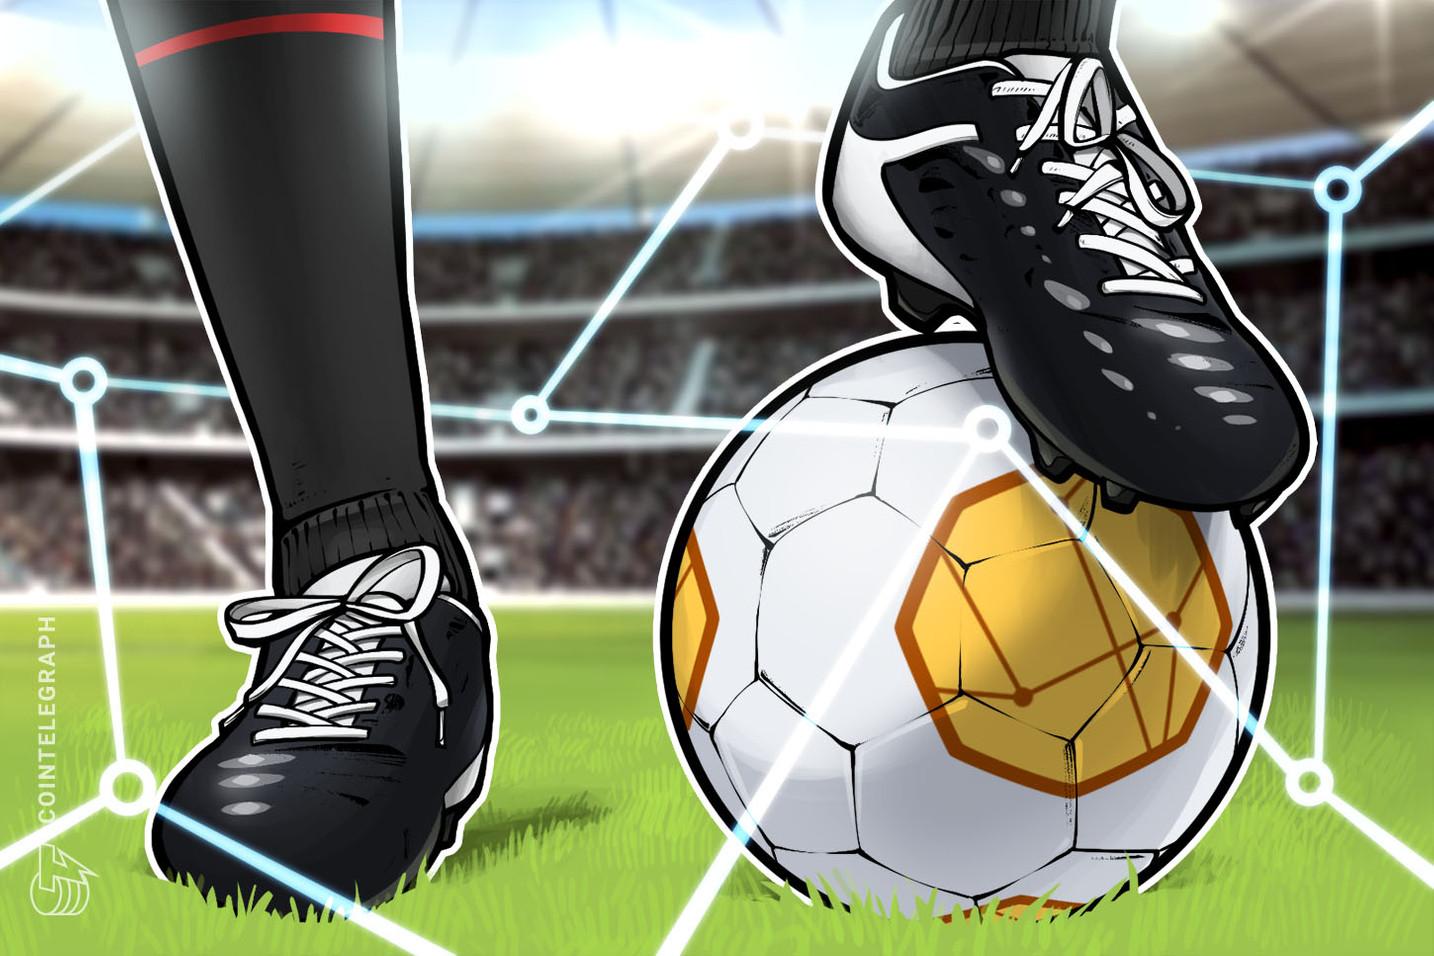 فريق كرة القدم الوطني الإسباني يطلق توكن المشجعين على منصة تركية